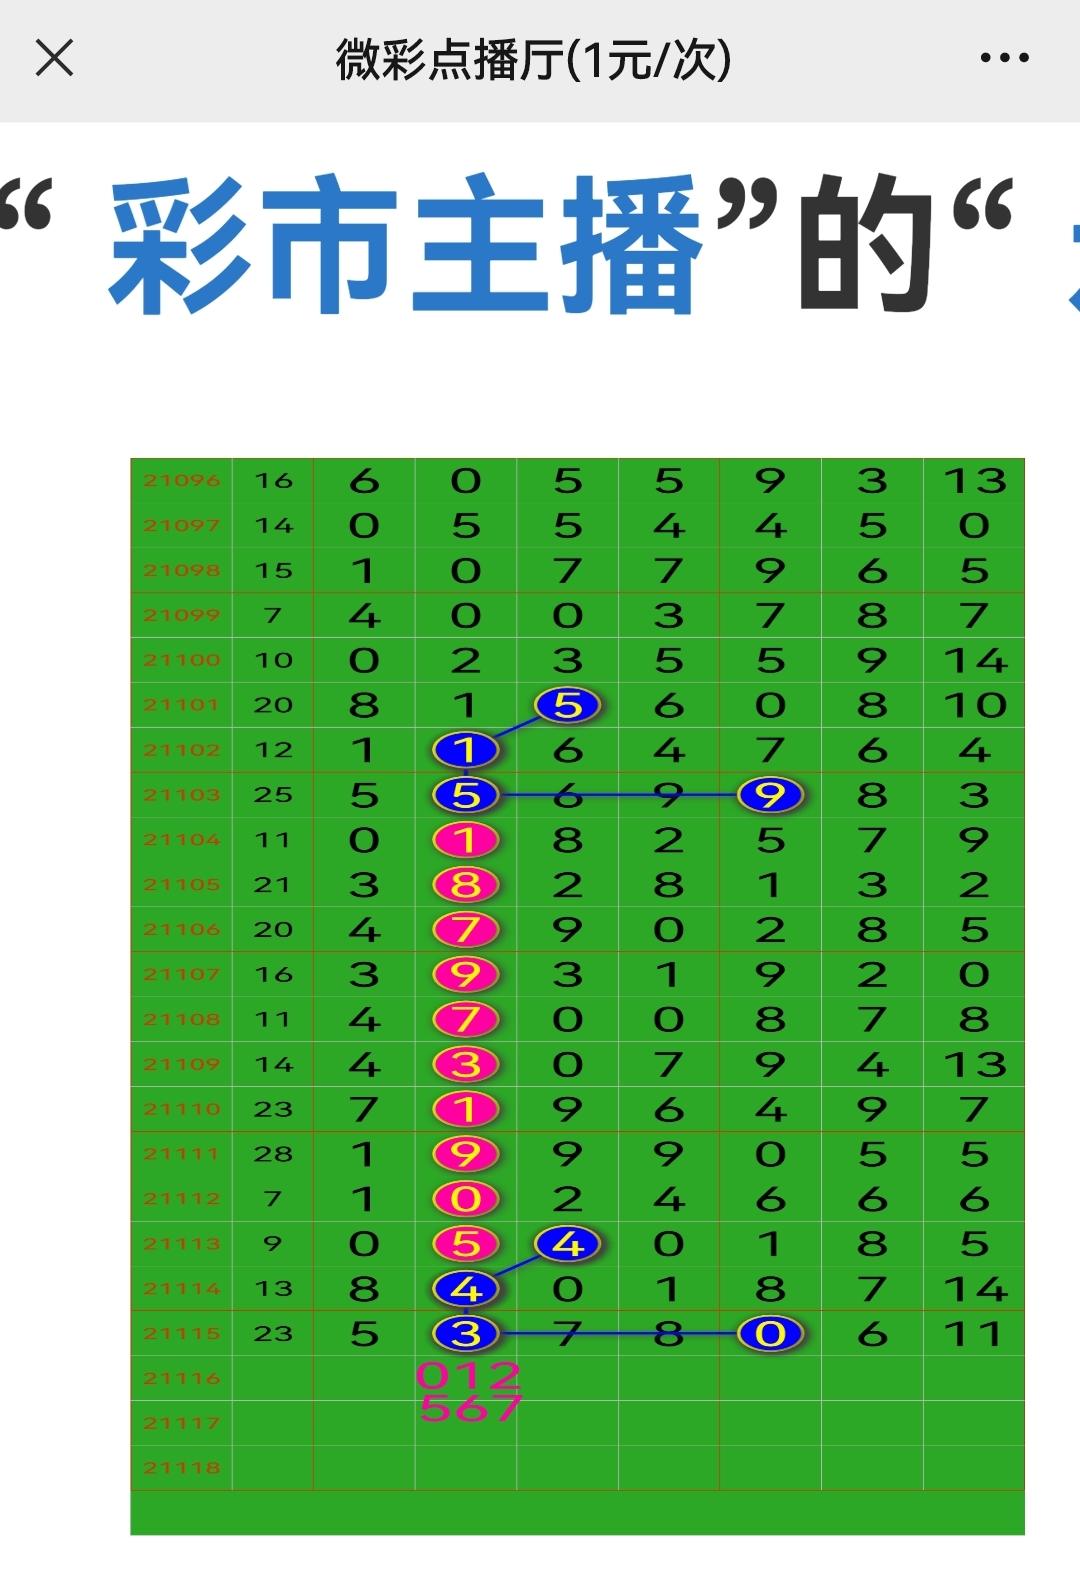 Screenshot_20211011_155936.jpg